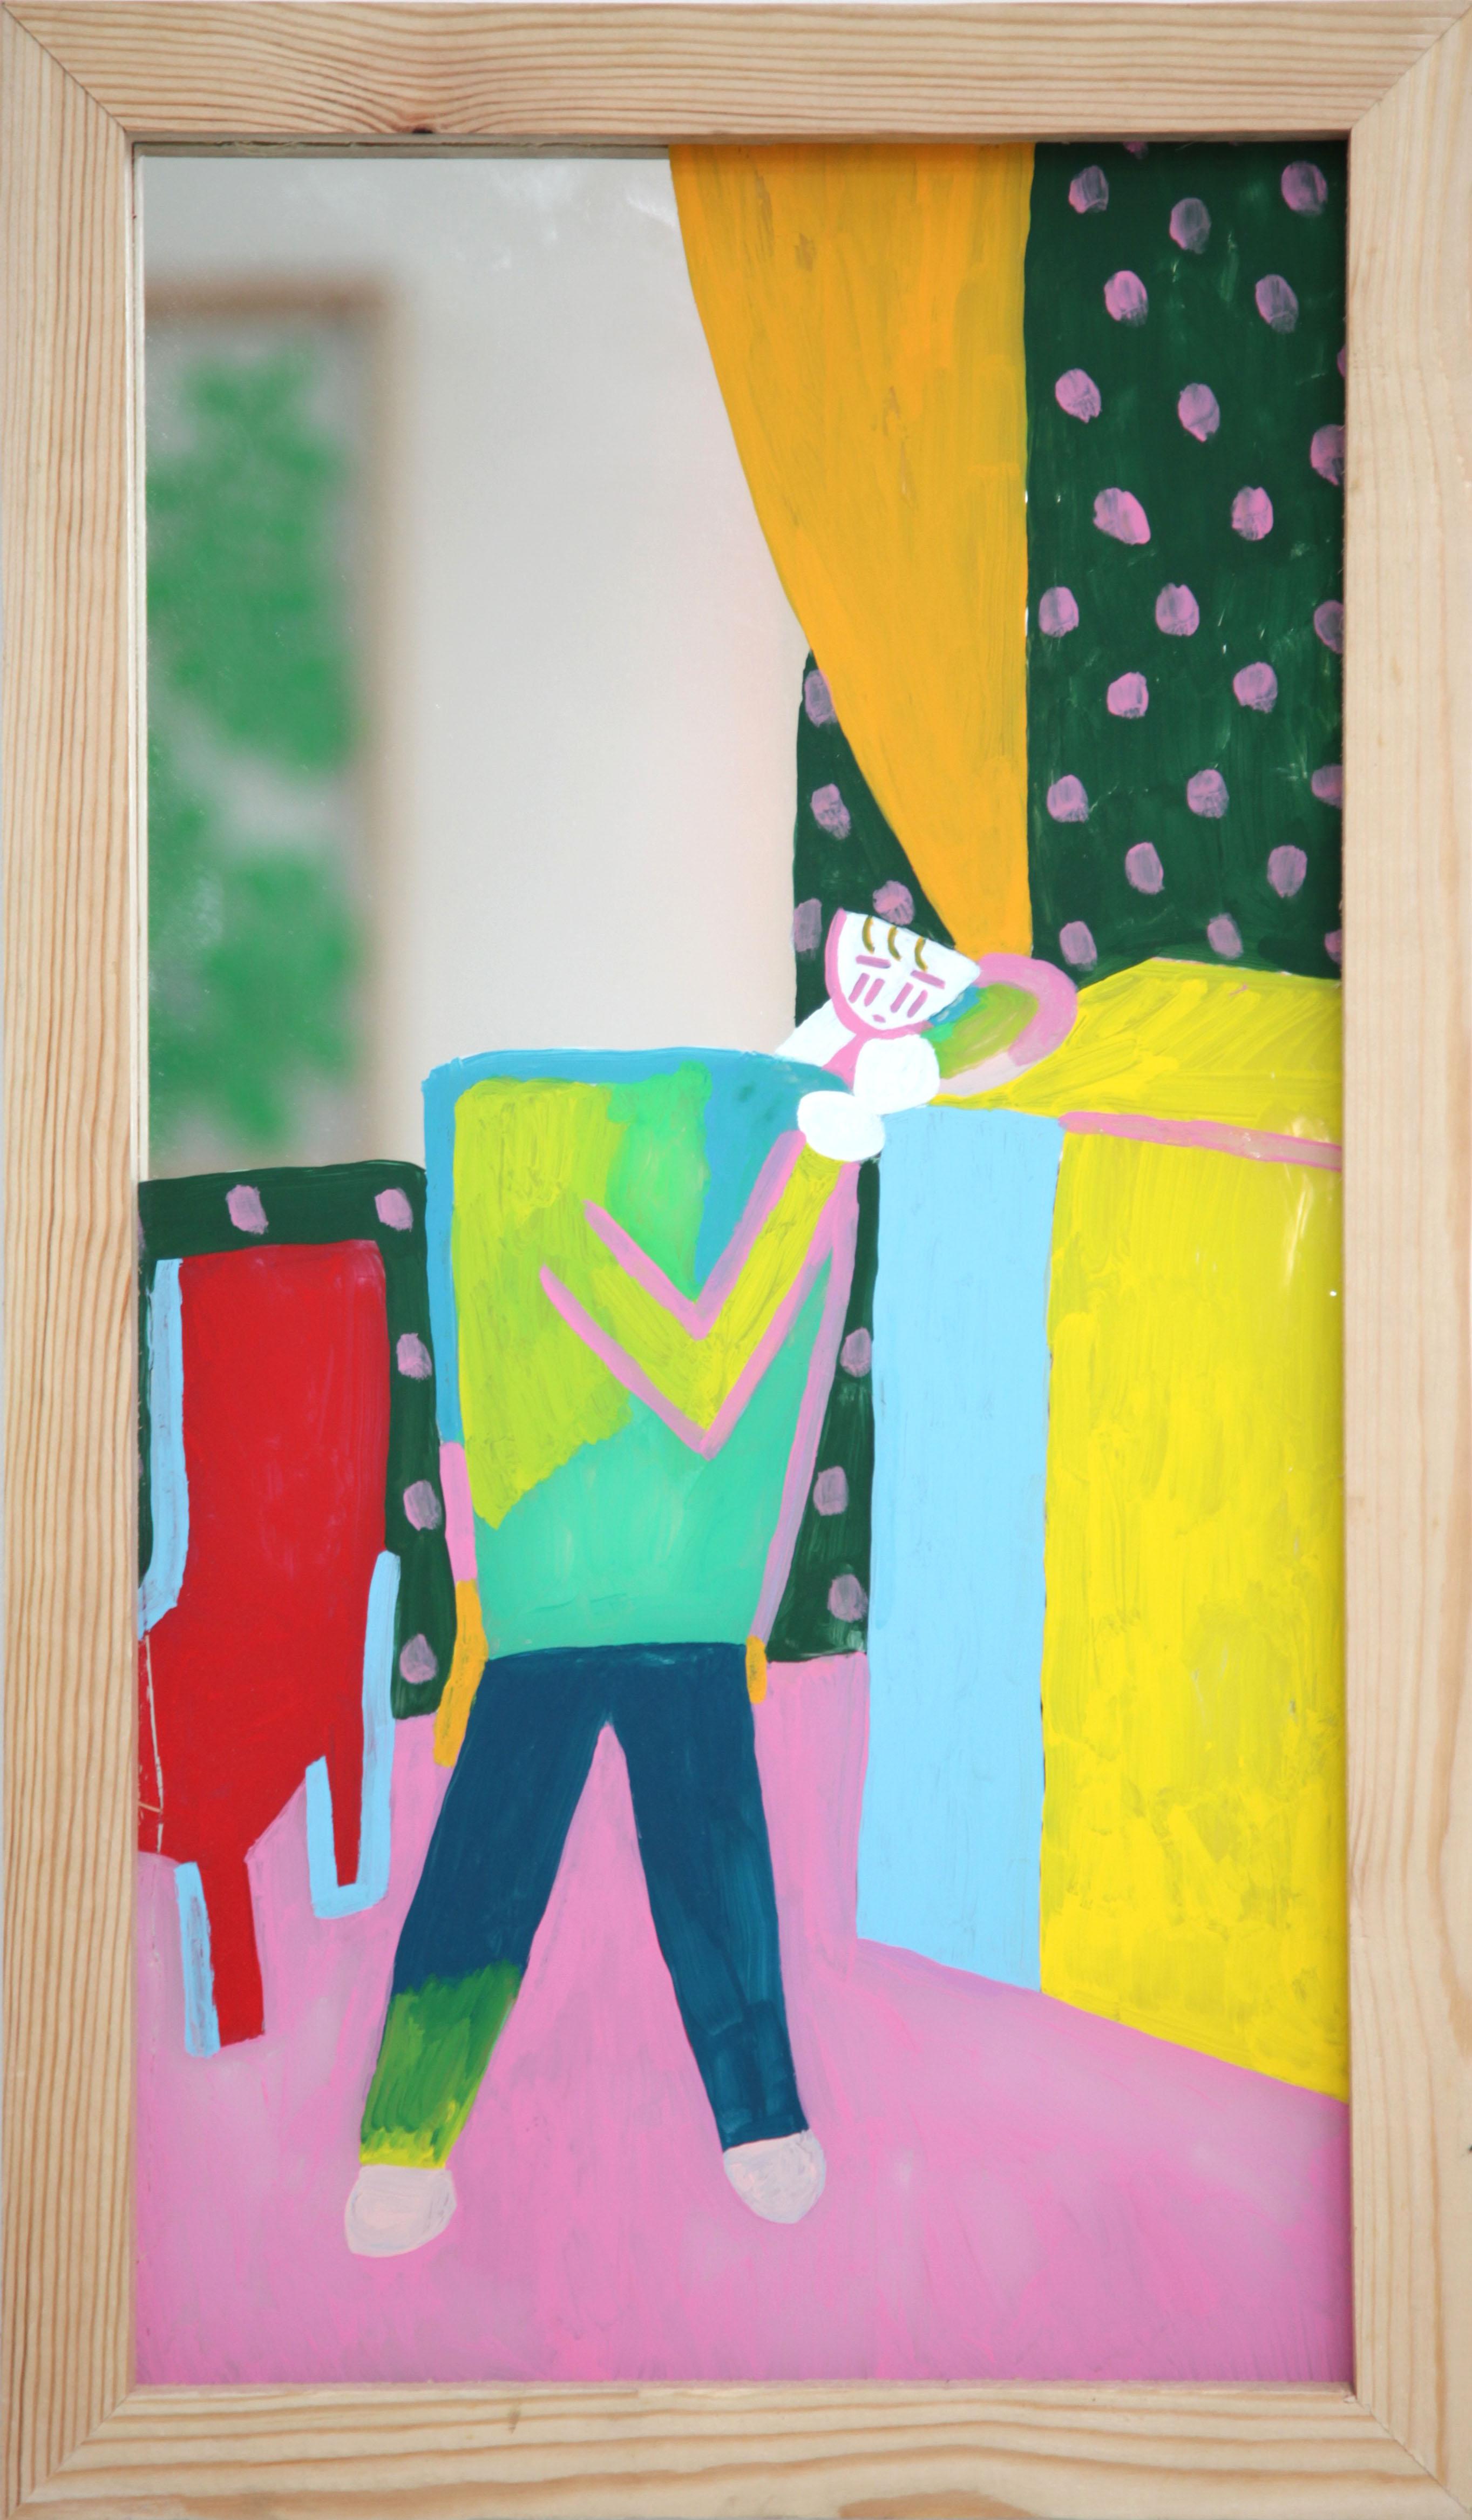 otherside(mirror3)2